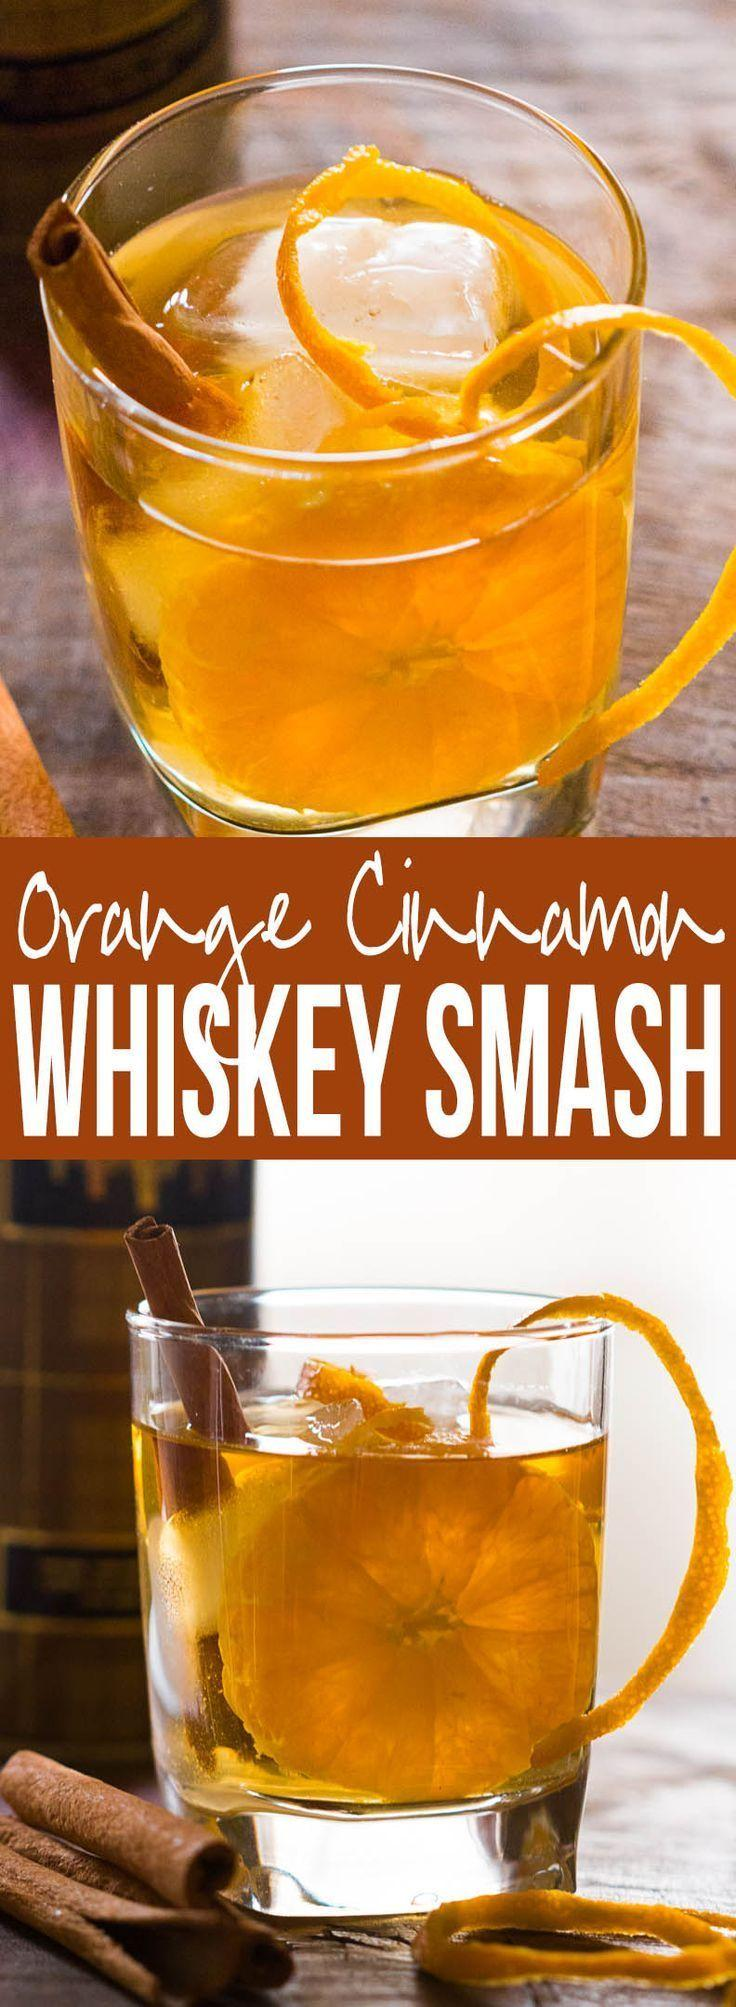 Hochzeit - Orange Cinnamon Whisky Smash